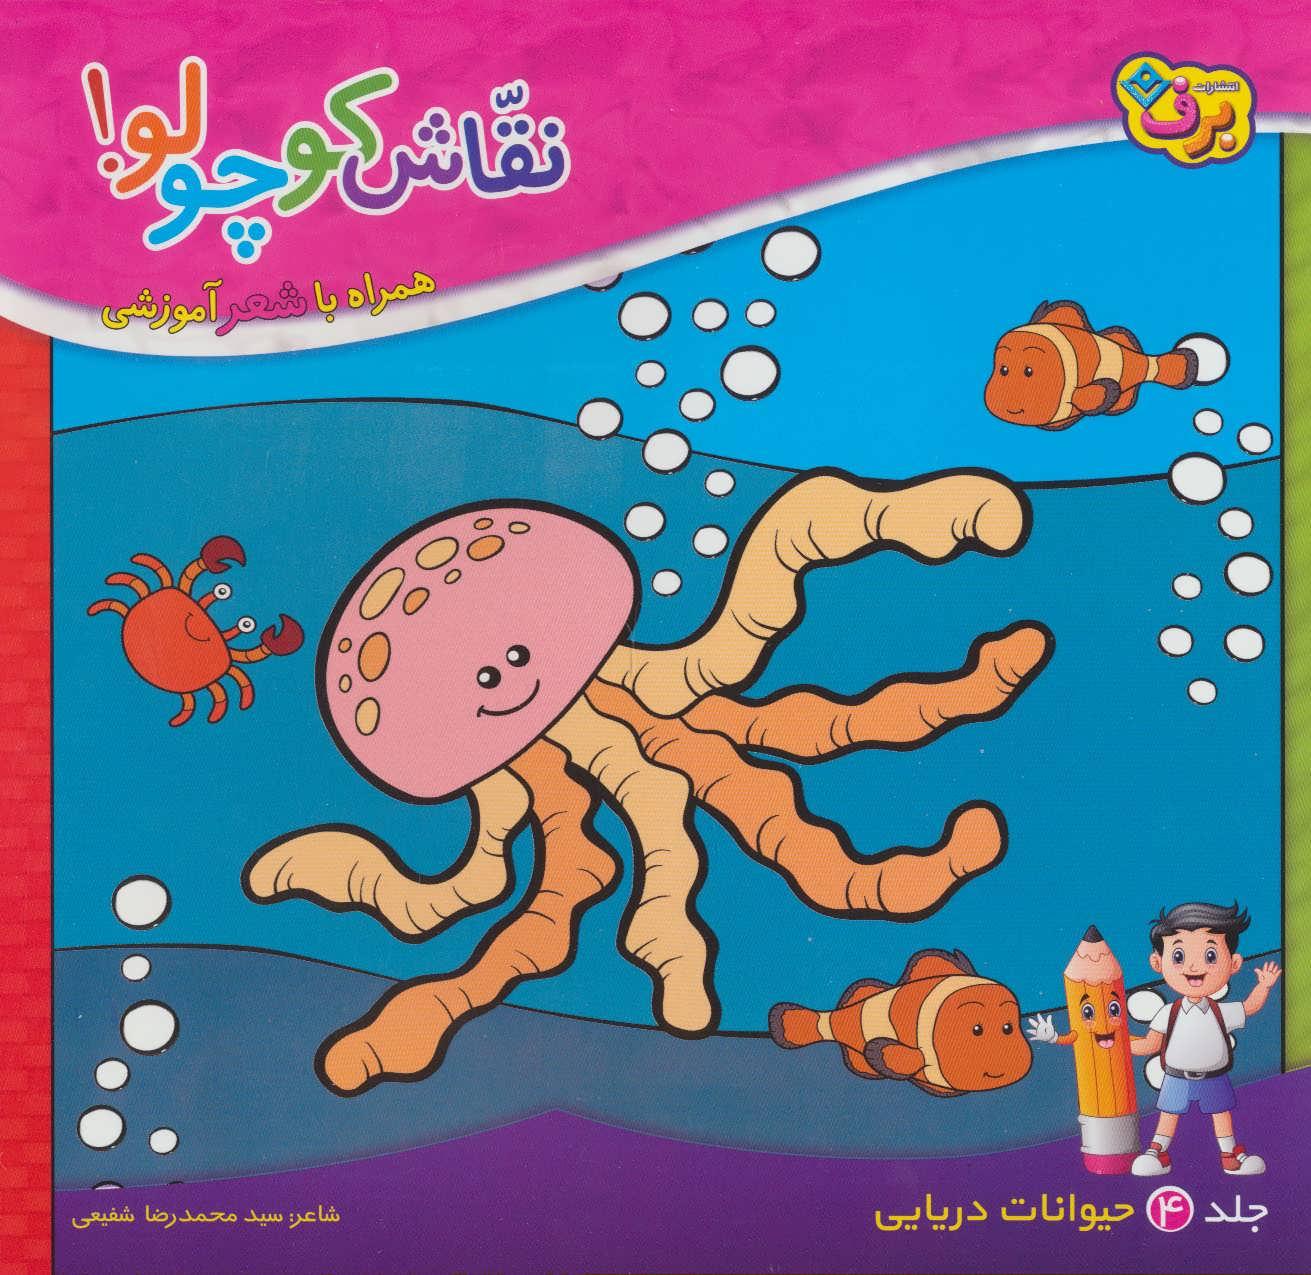 کتاب نقاش کوچولو! ۴ (حیوانات دریایی)